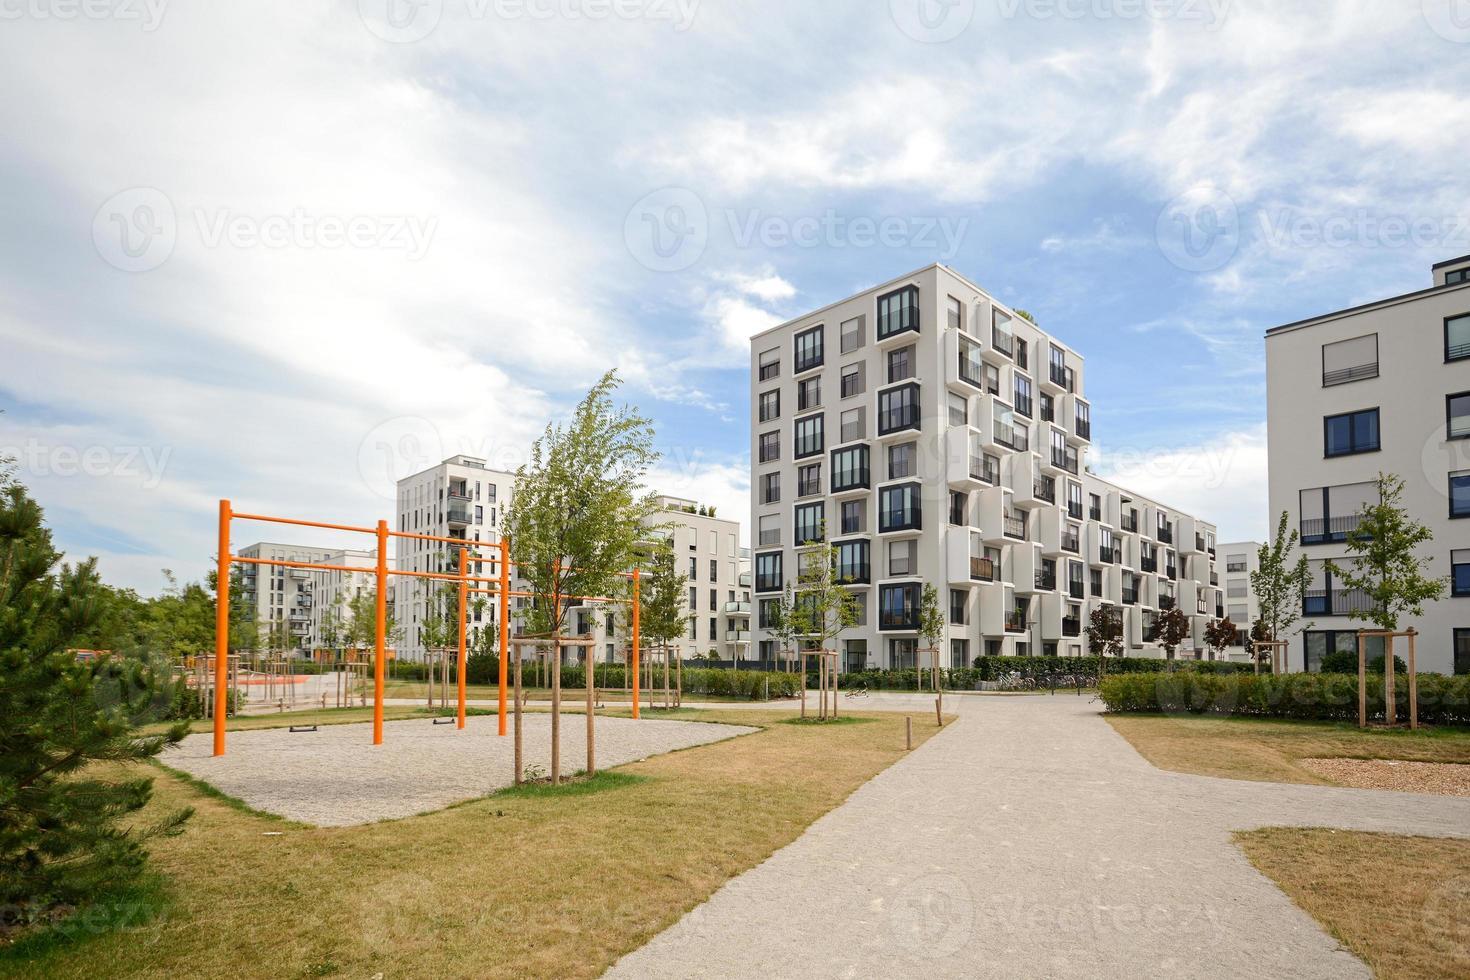 nouvelle aire de jeux et bâtiments résidentiels modernes photo